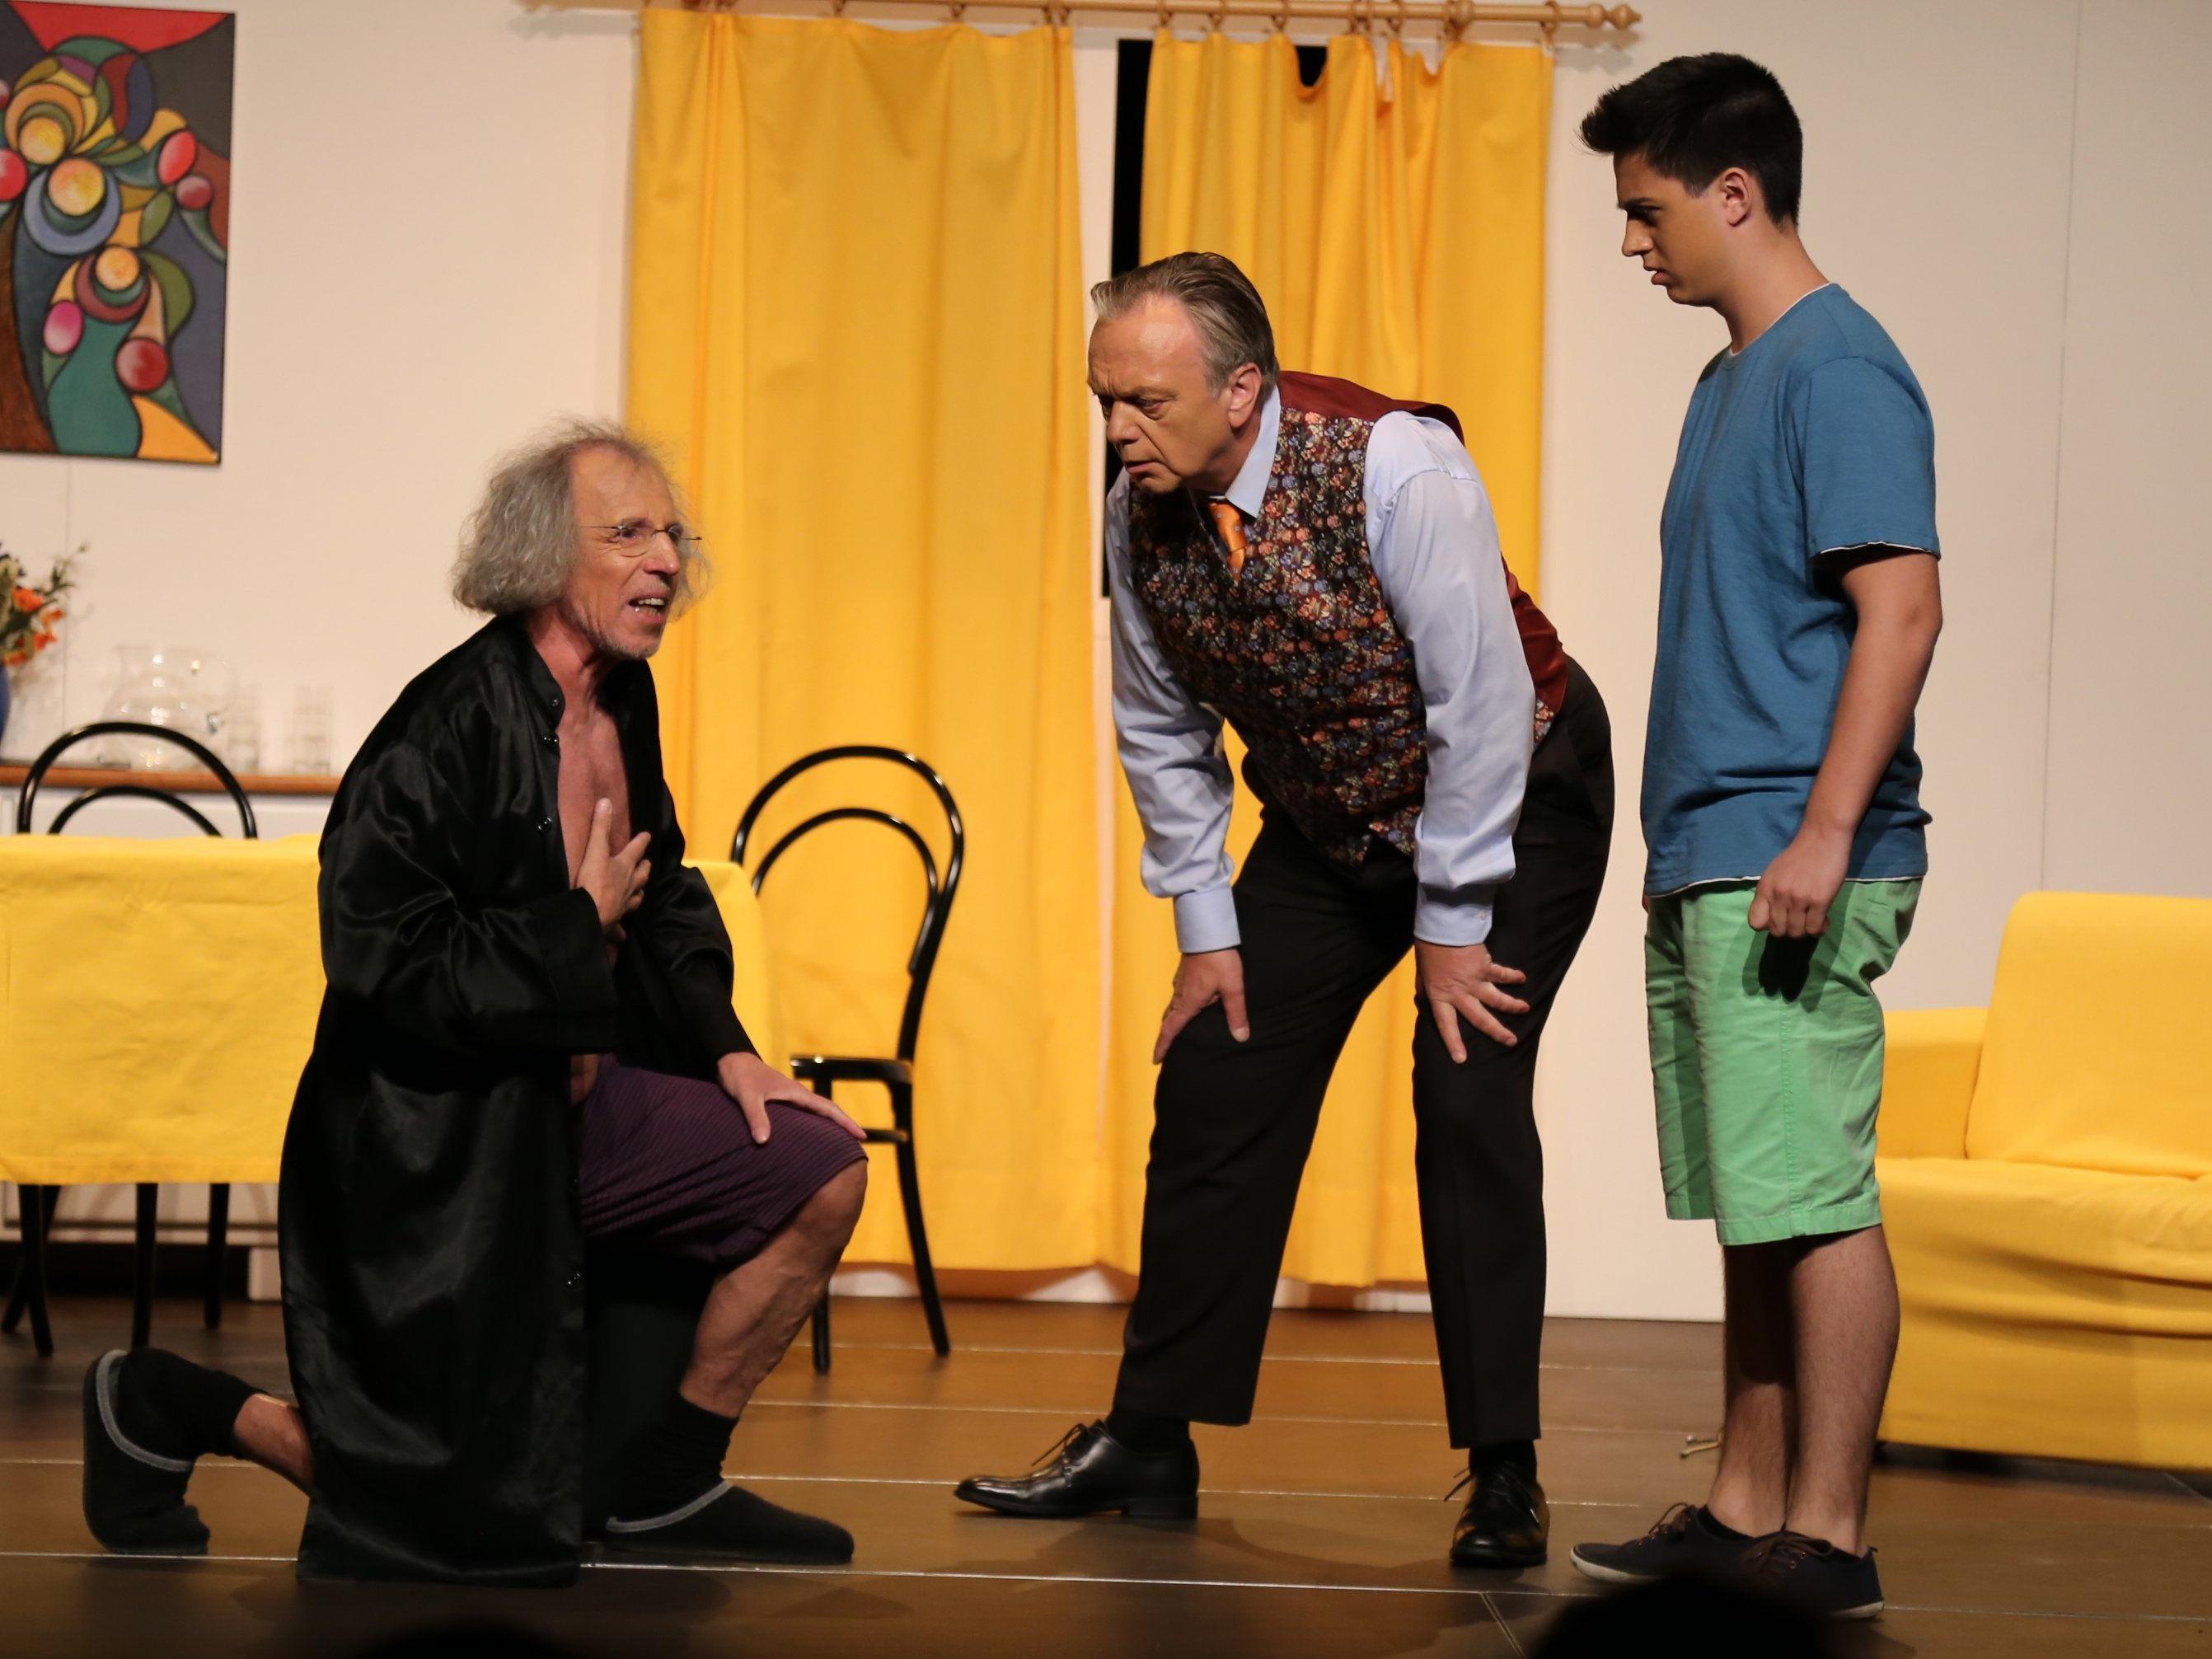 Tartuffe (Ernst Walser), Orgon (Jürgen Schäfer) und sein Sohn (Raphael Rothmund).